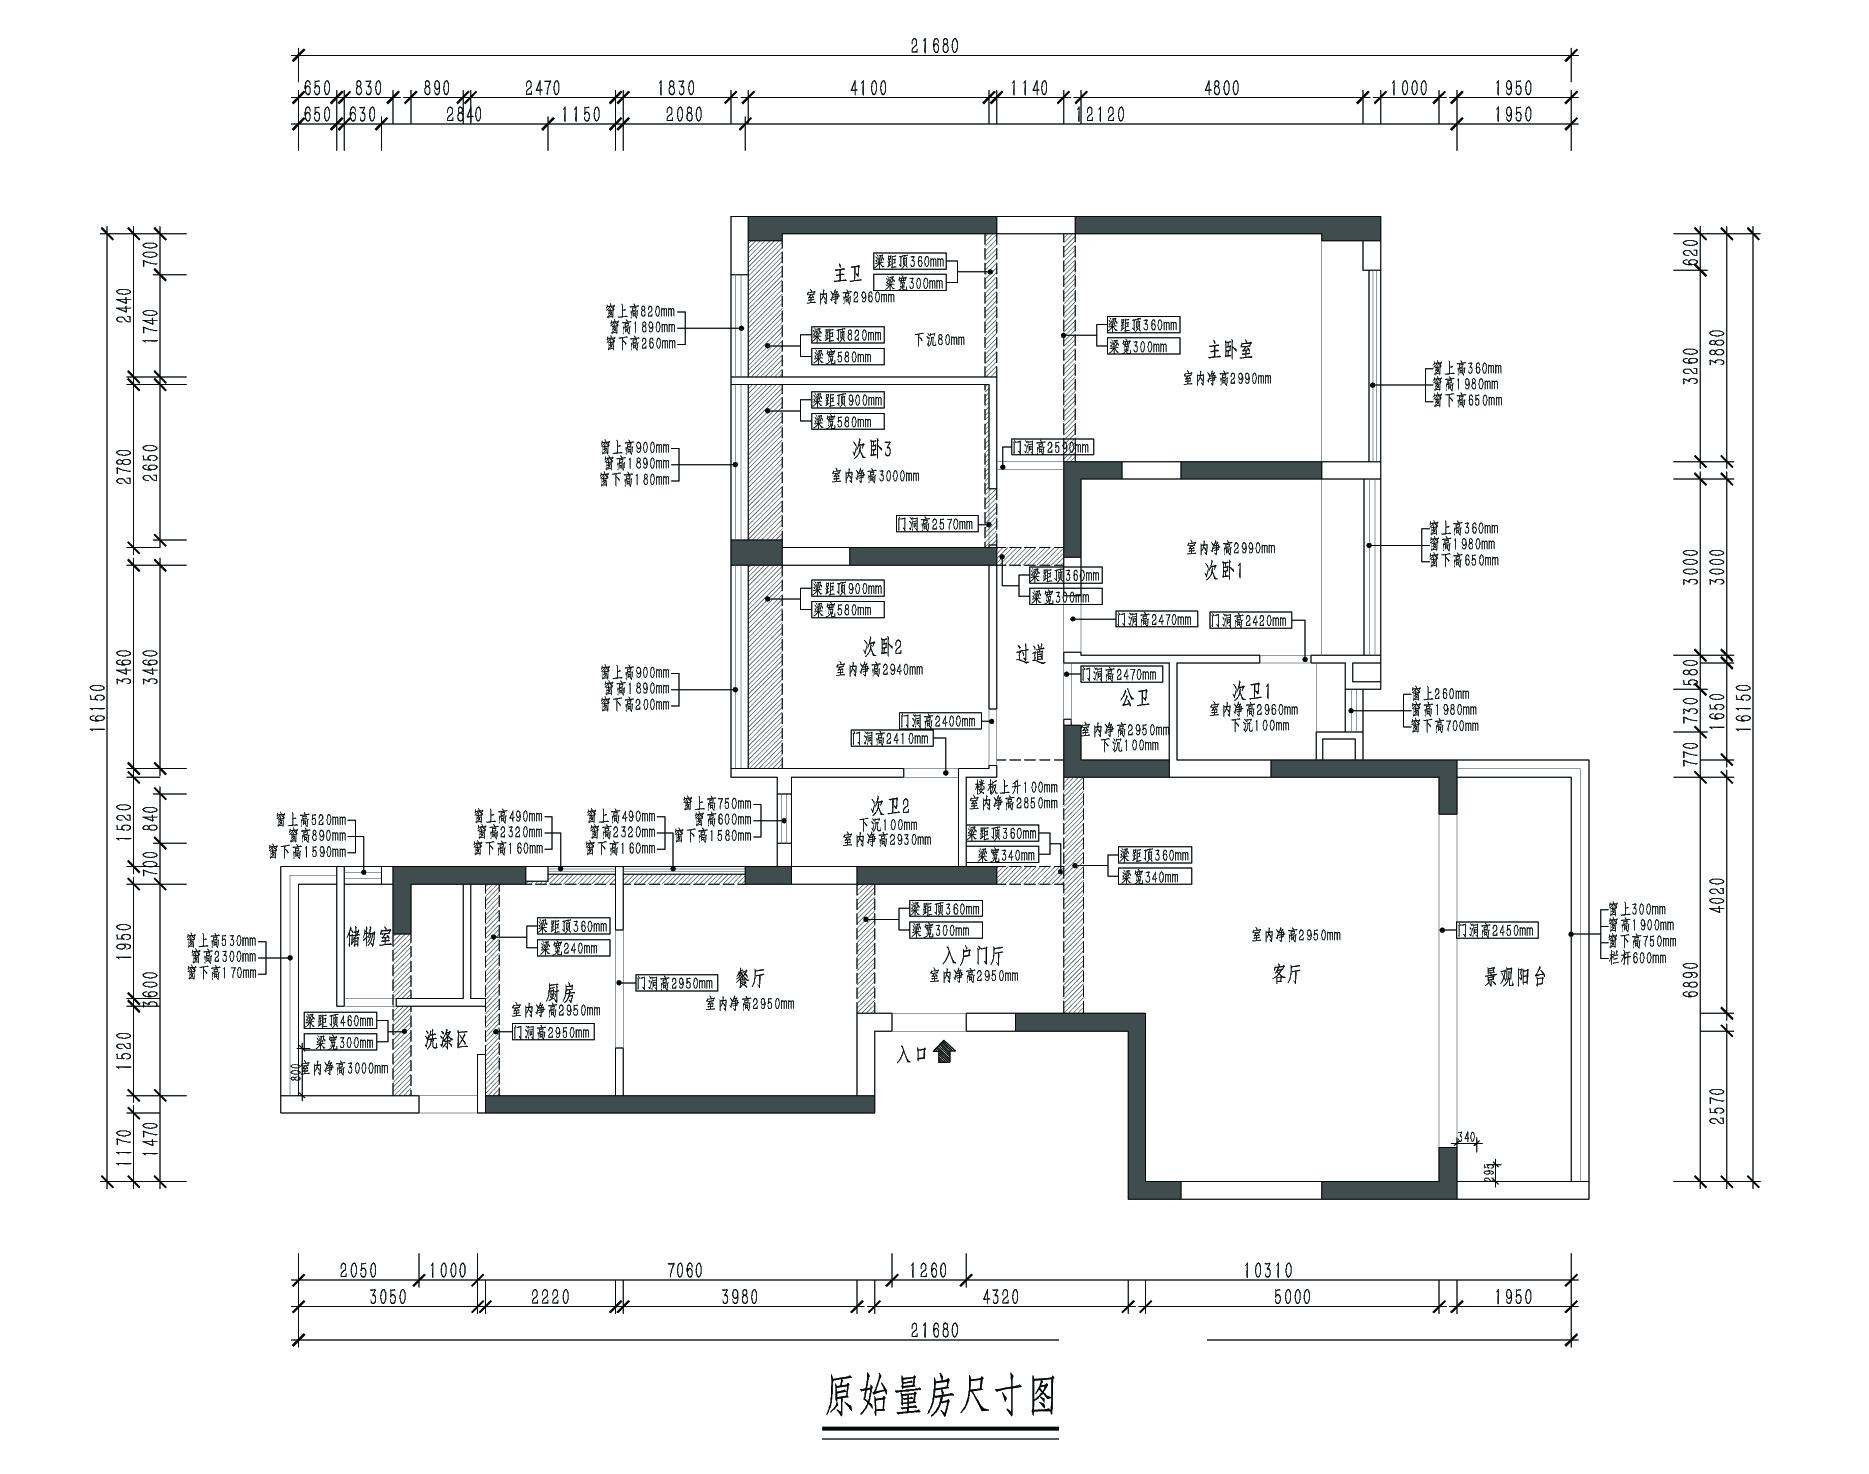 瓏御府 現代簡約裝修效果圖 180平米 三室兩廳裝飾設計裝修設計理念